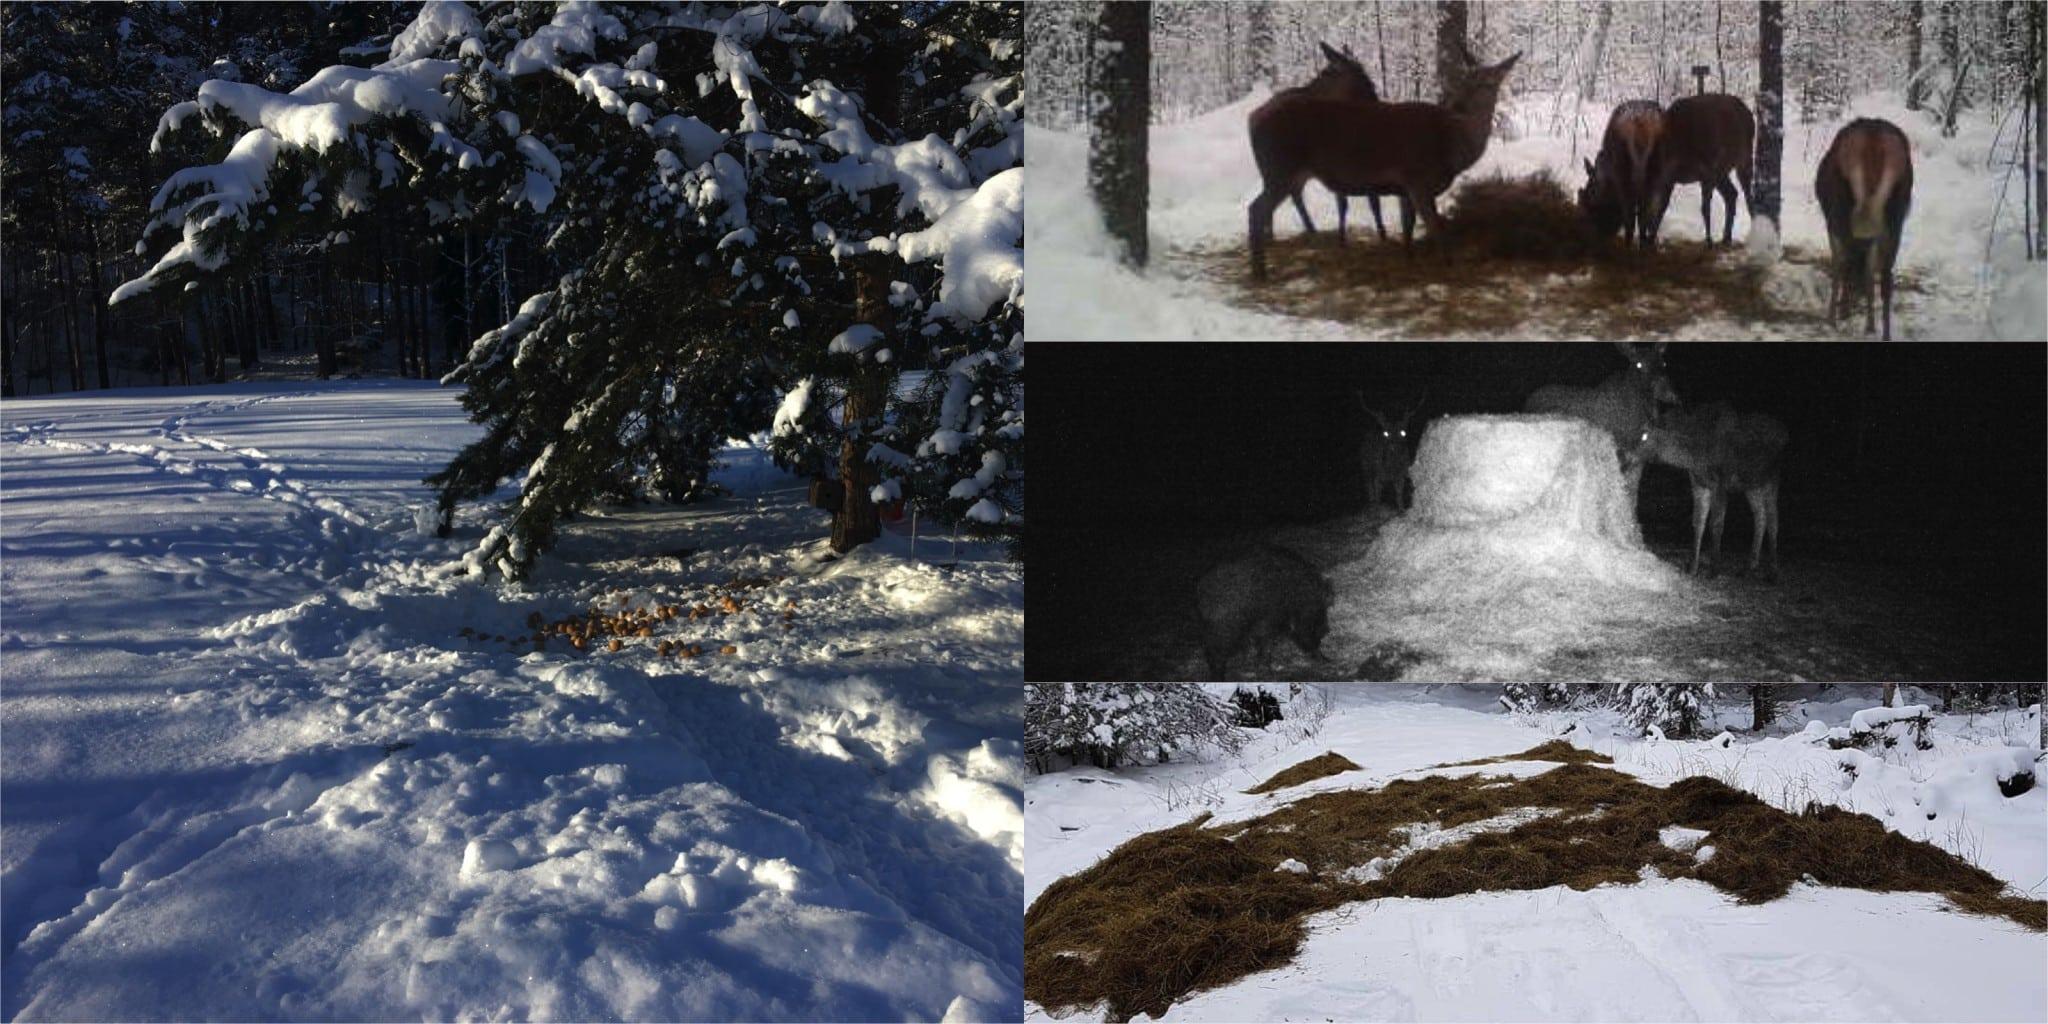 Jägarnas årliga viltvårdsinsatser uppgår till miljonbelopp. Foto: Privat